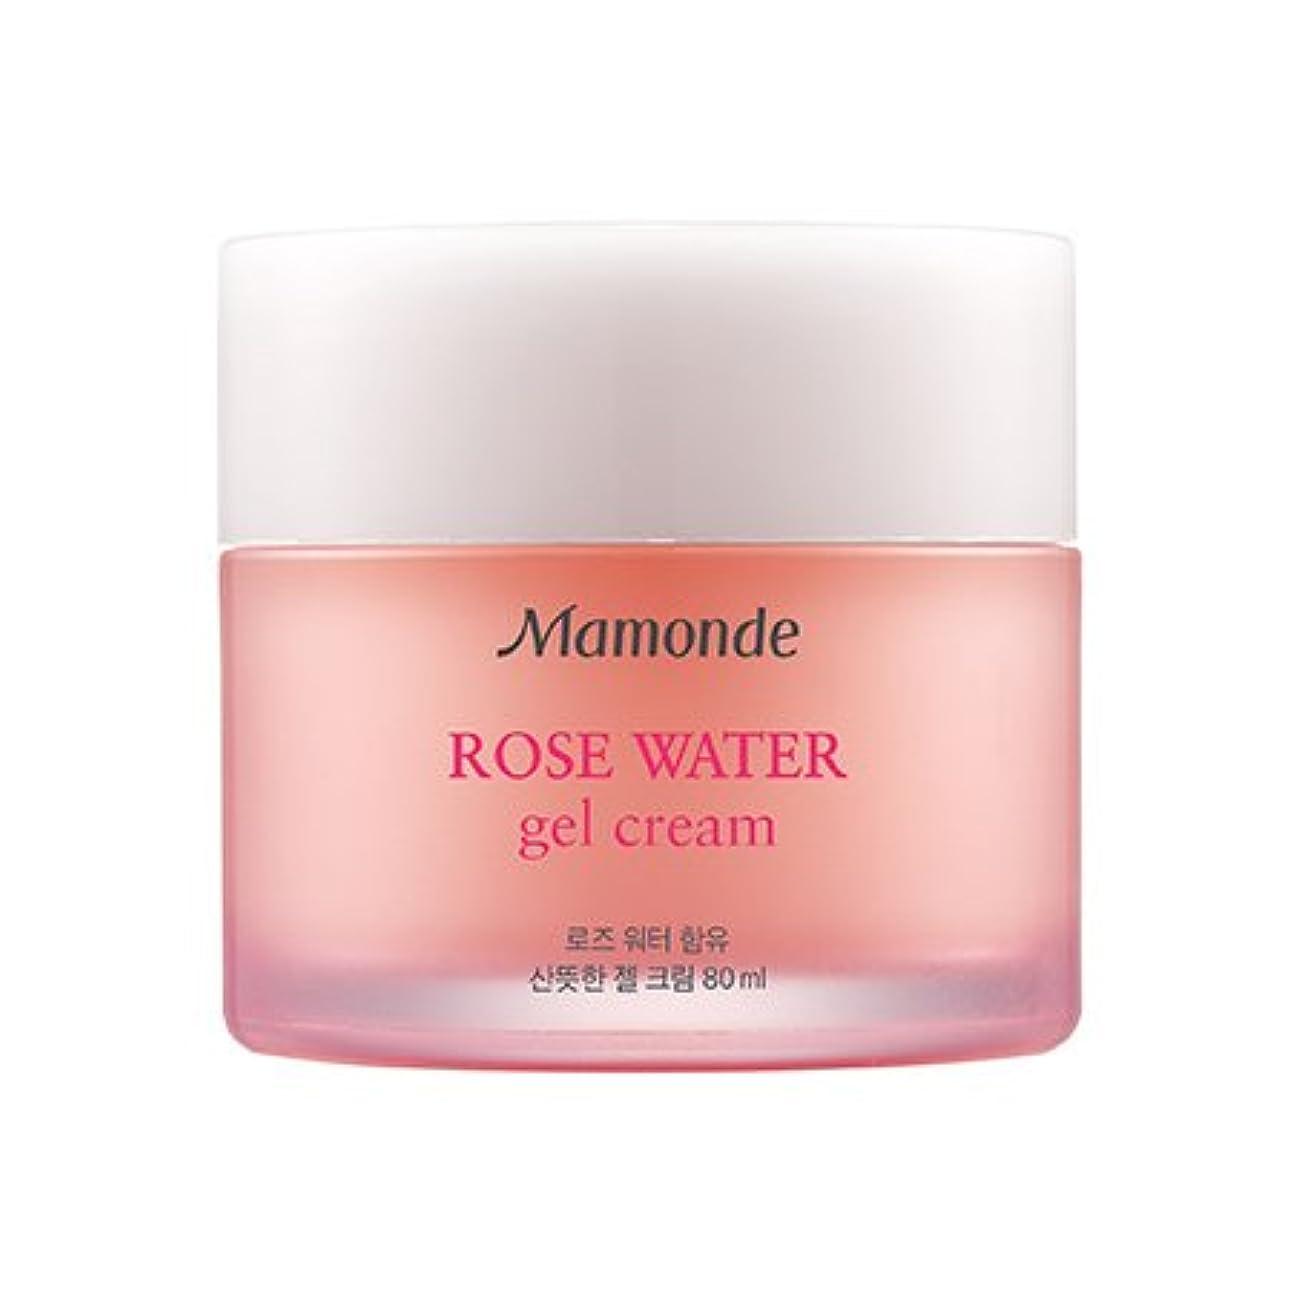 慢な効能ある肘Mamonde Rose Water Gel Cream 80ml/マモンド ローズ ウォーター ジェル クリーム 80ml [並行輸入品]